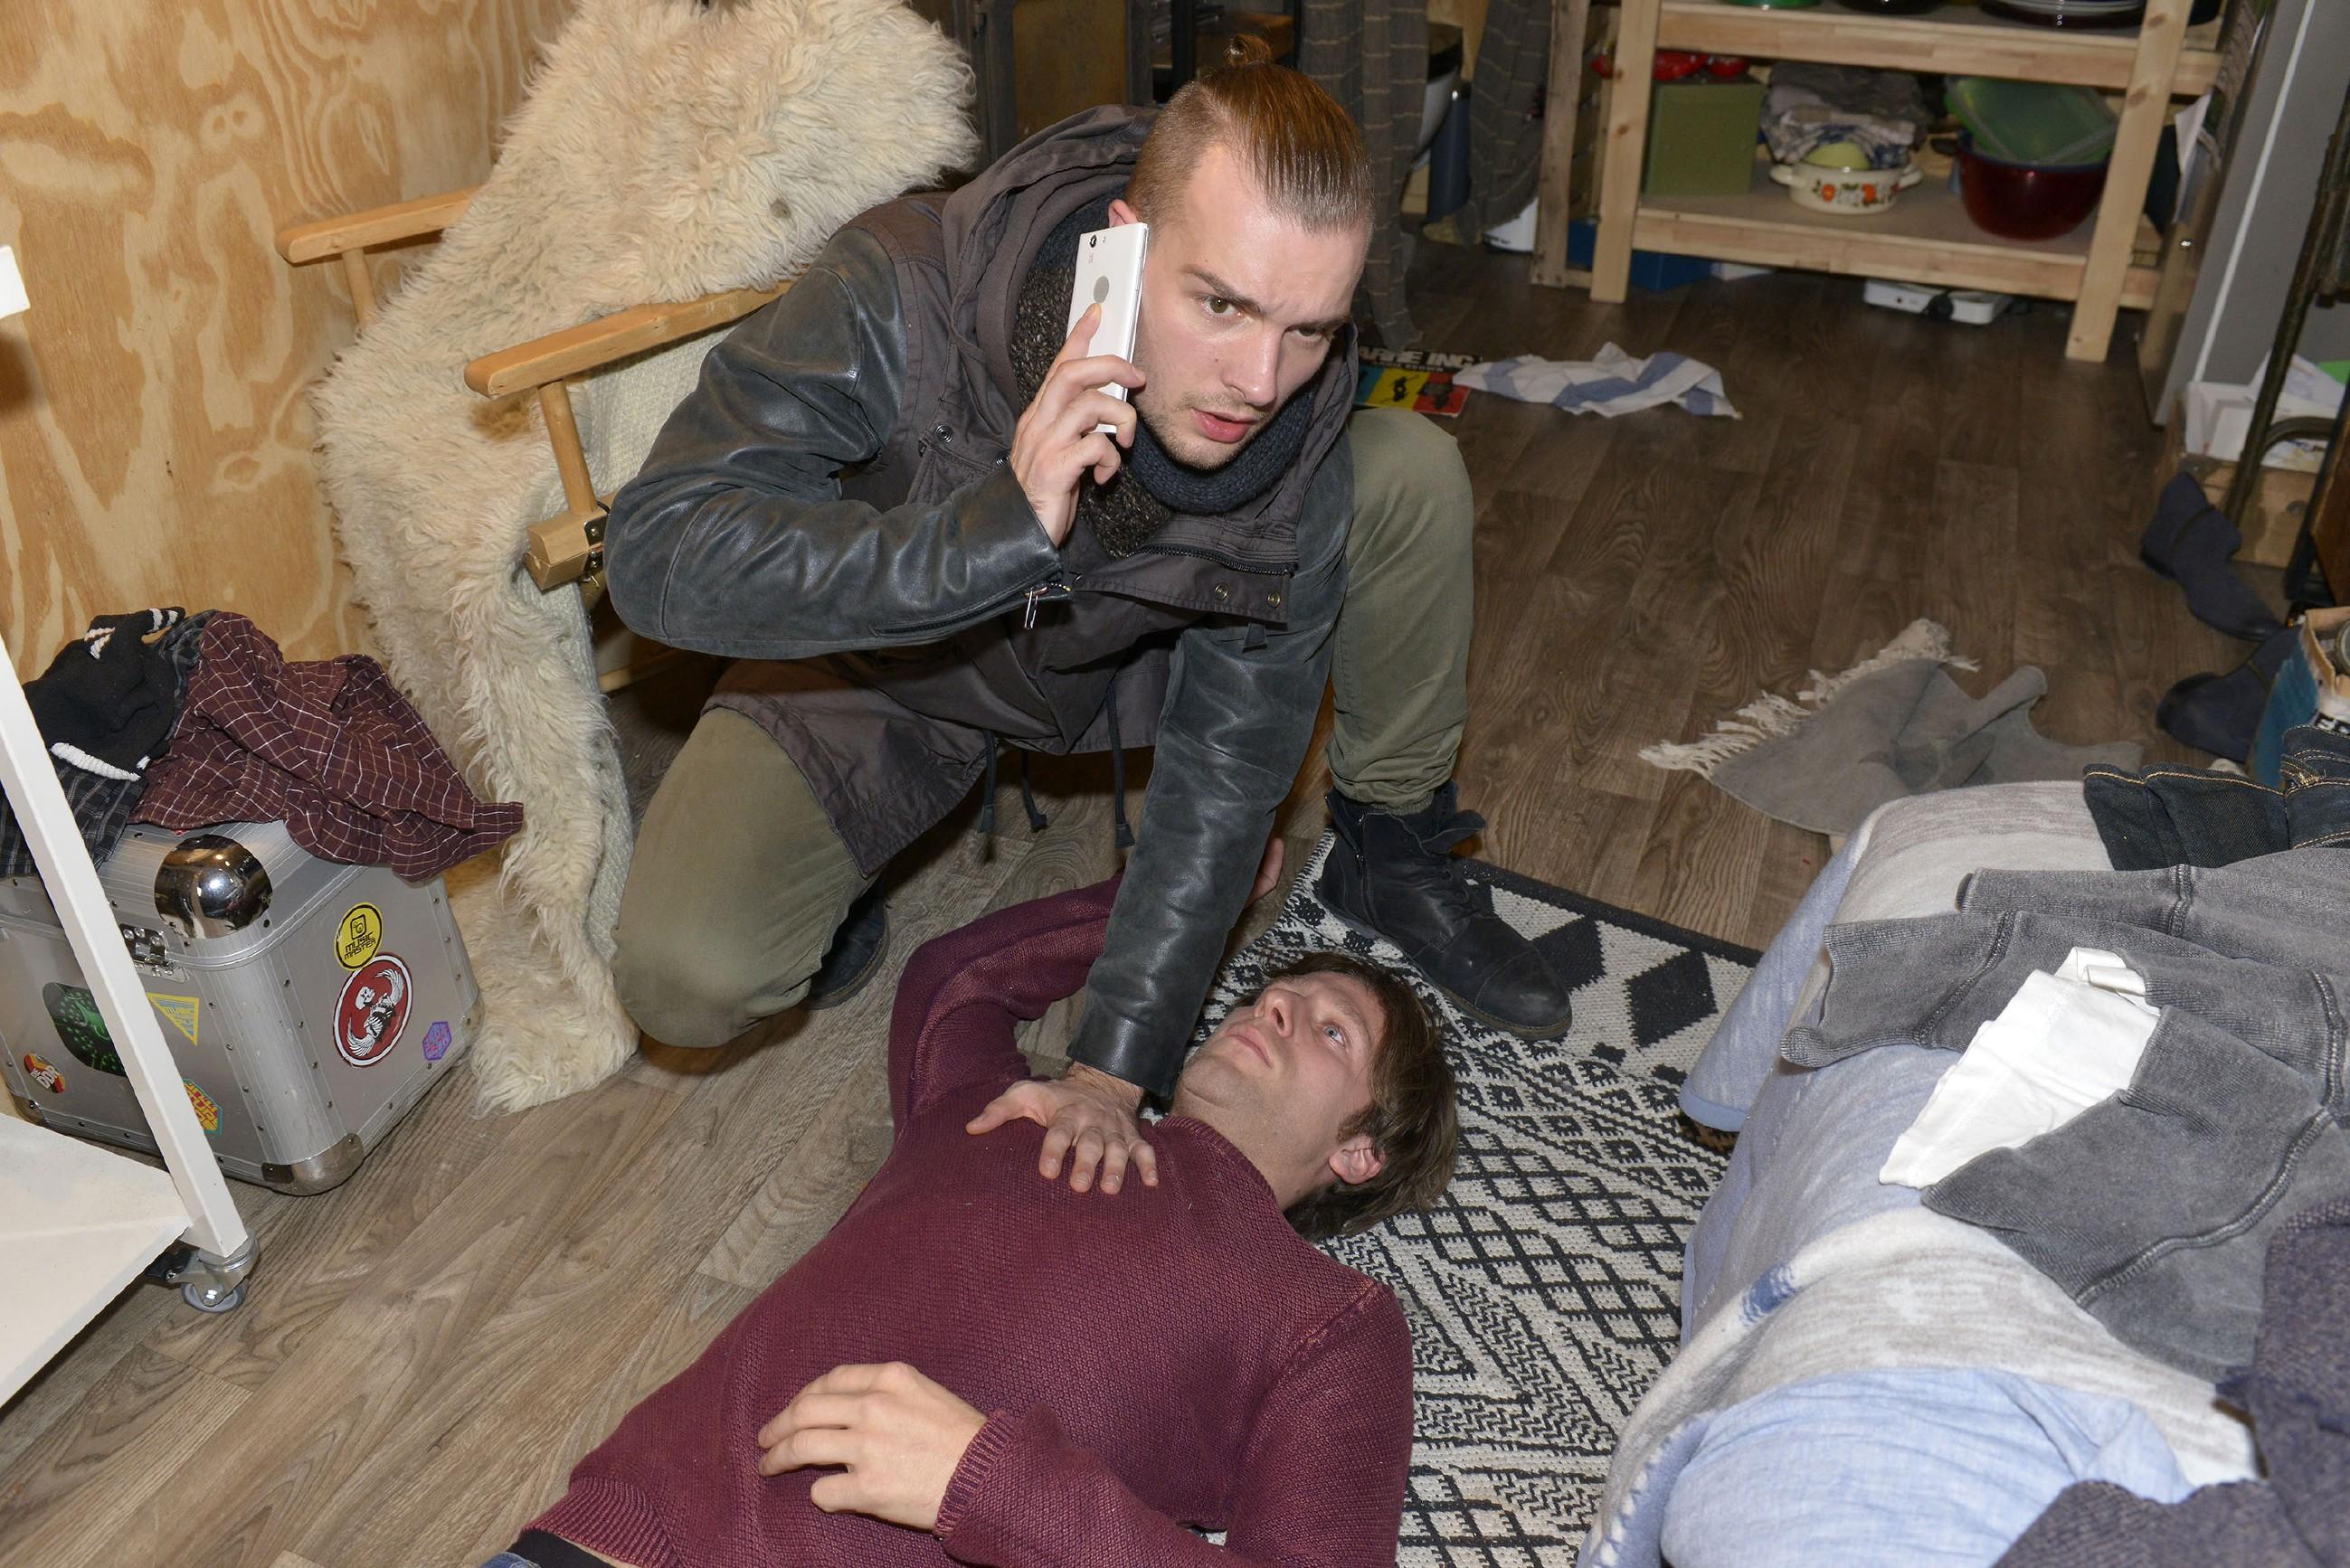 Chris (Eric Stehfest, l.) ruft Hilfe, als er den kollabierten Till (Merlin Leonhardt) im Bauwagen findet... (Quelle: RTL / Rolf Baumgartner)